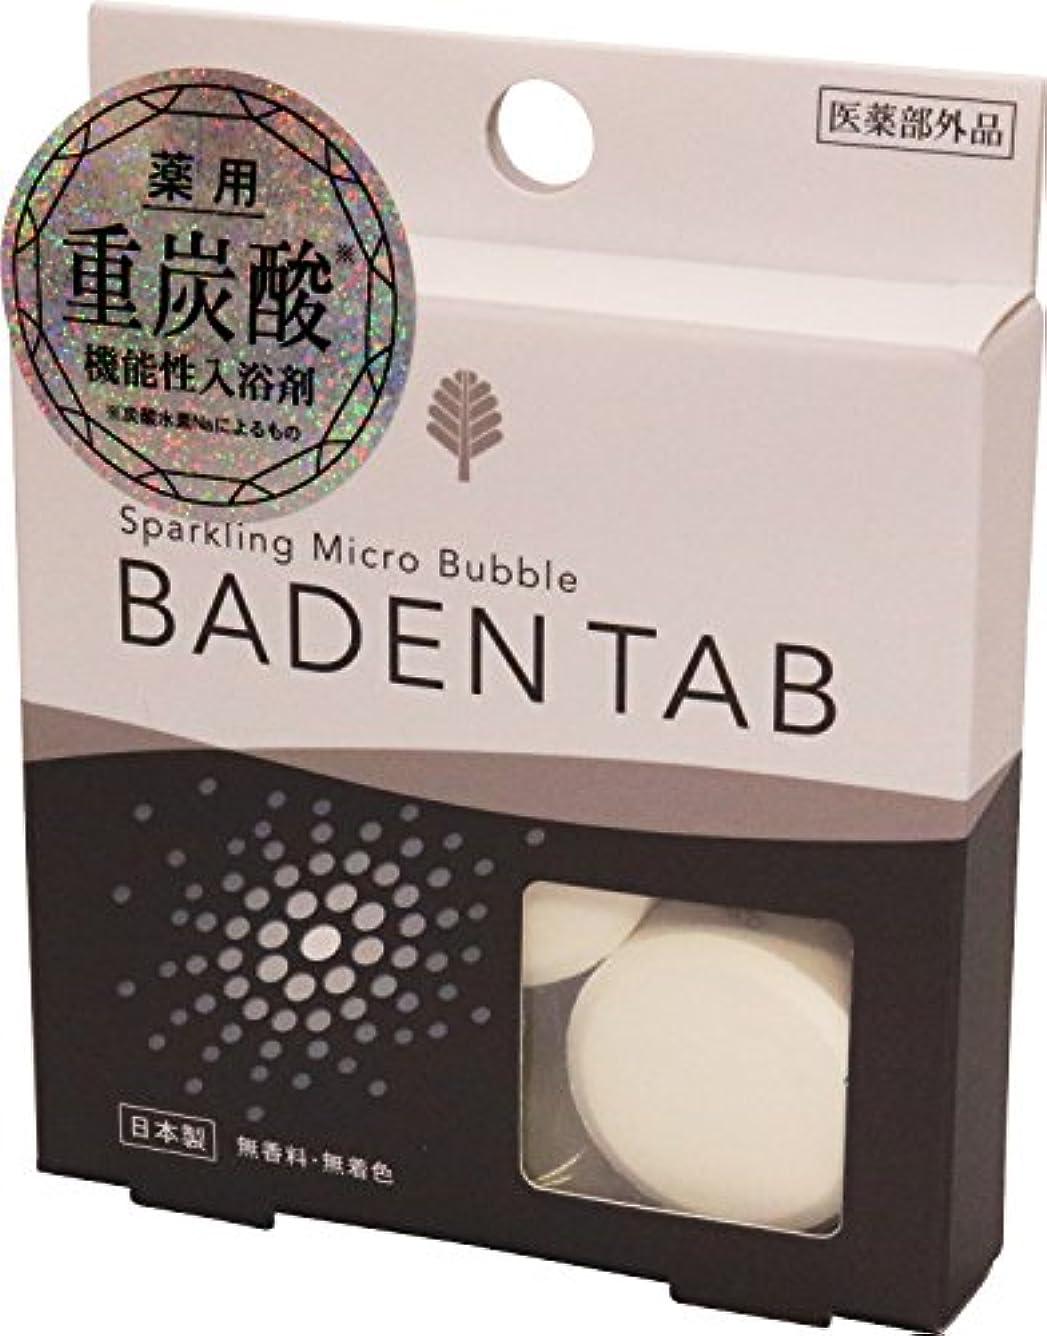 チューインガムパット道薬用 重炭酸 機能性入浴剤 バーデンタブ 5錠